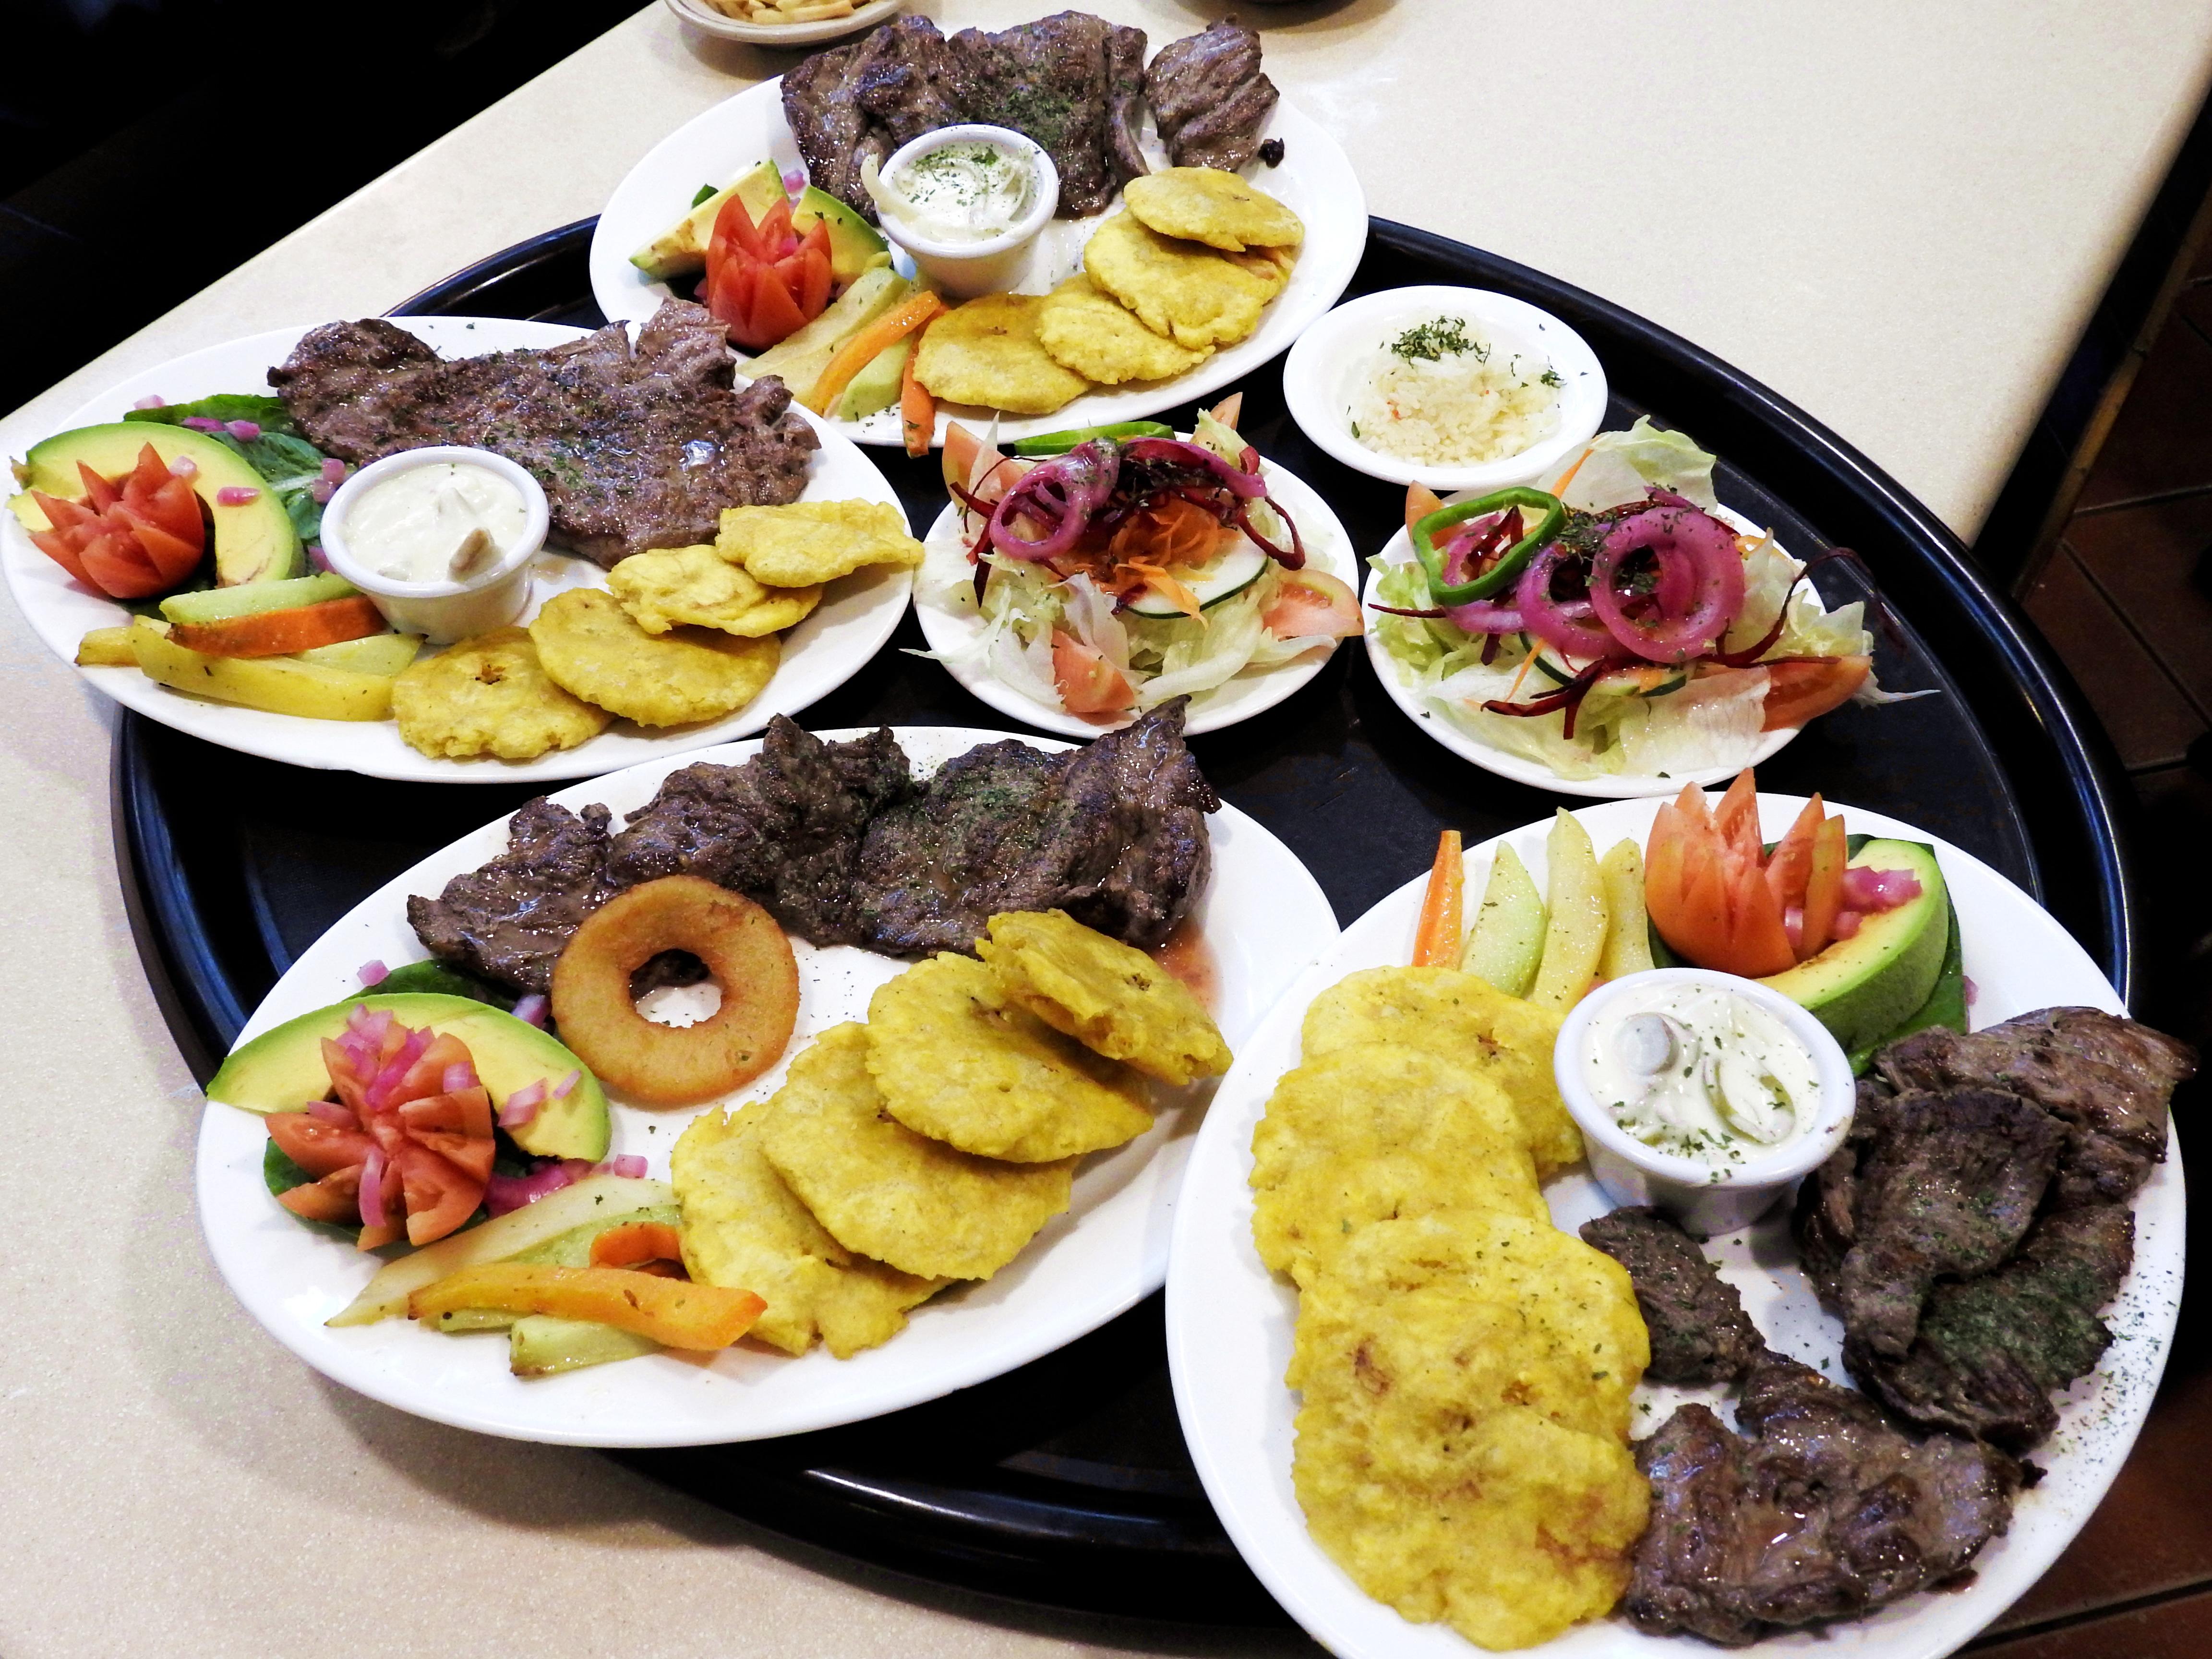 ¿Dónde almorzar delicioso en Masaya?